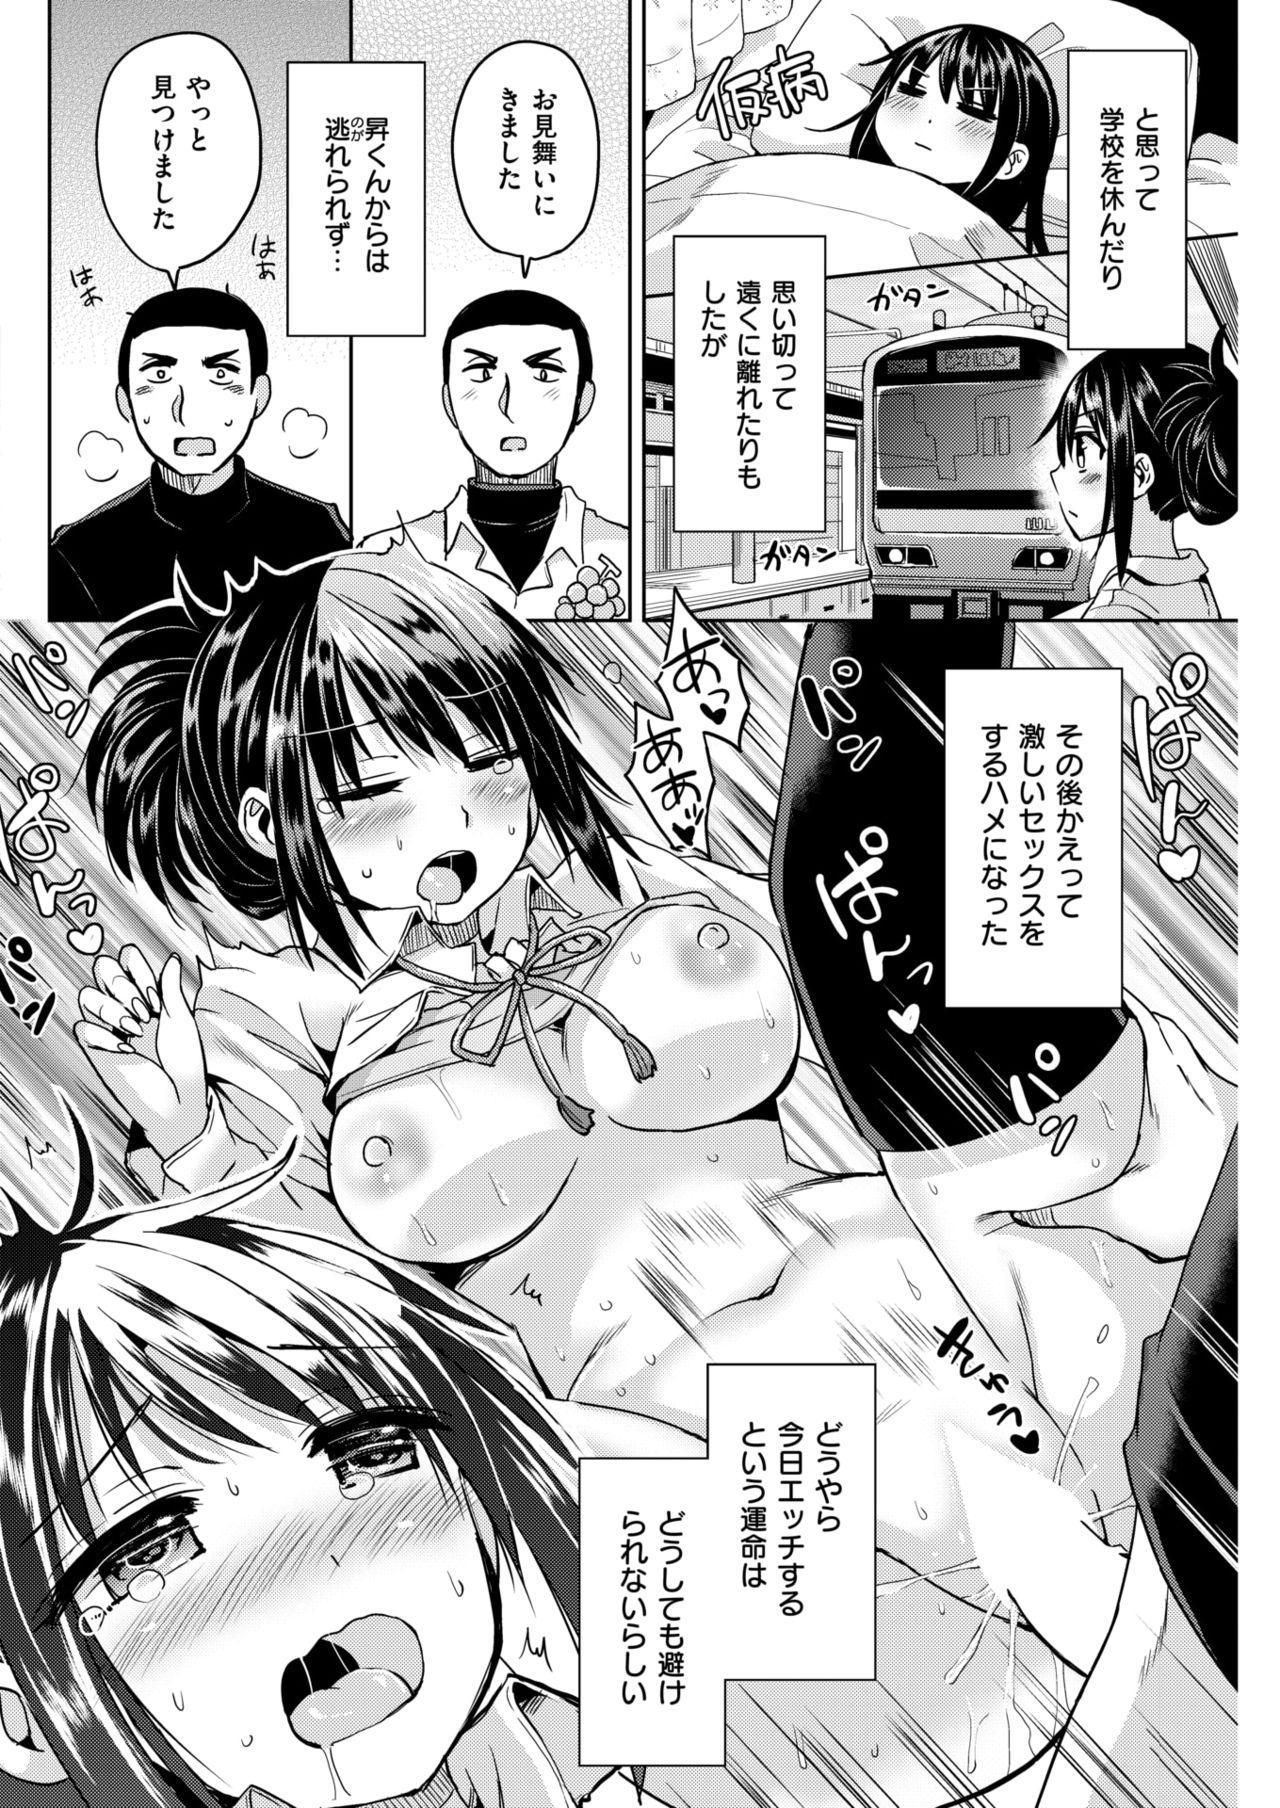 COMIC Kairakuten BEAST 2018-04 200